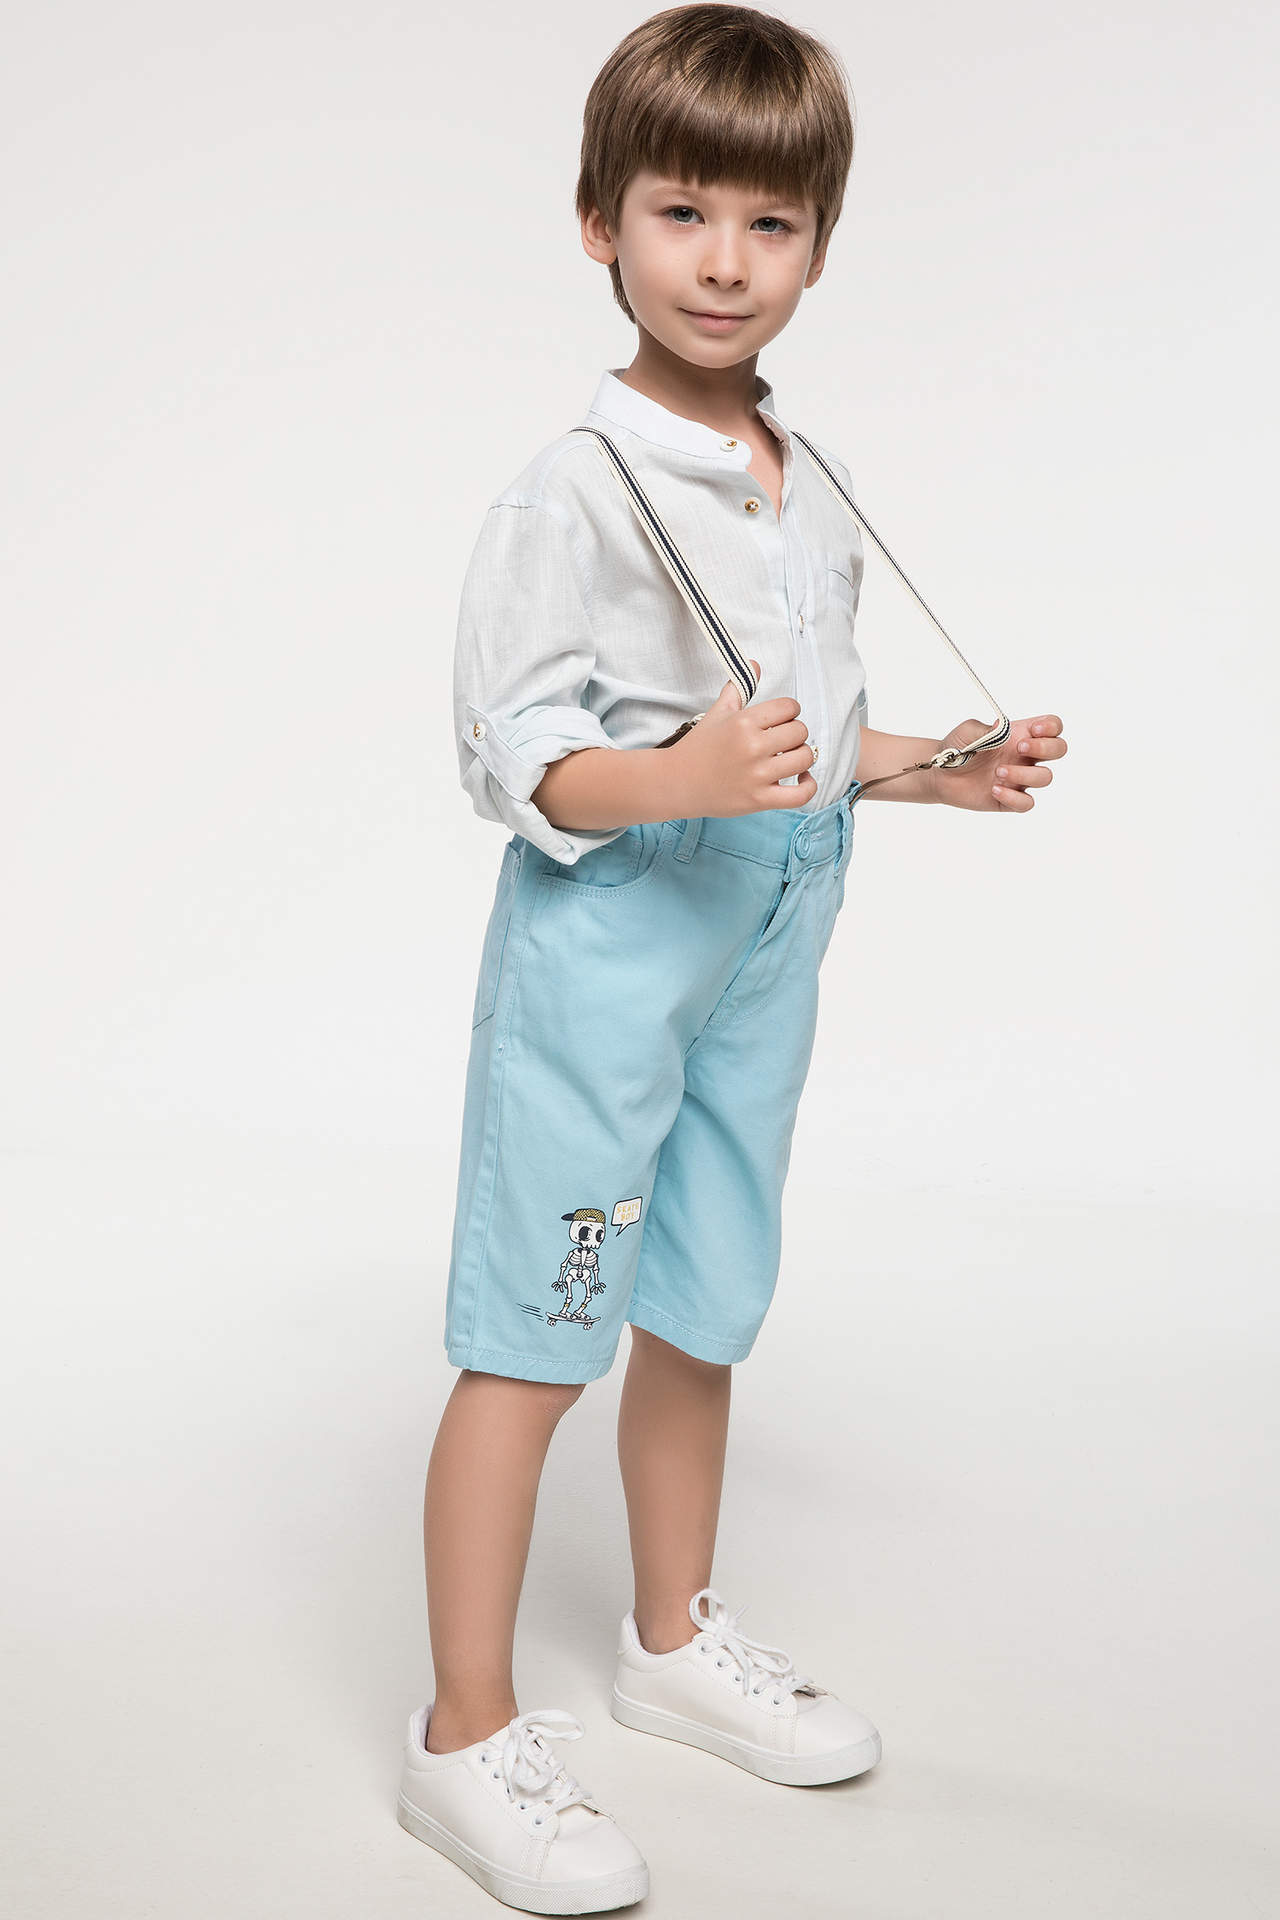 DeFacto Erkek Çocuk Paça Ucu Baskılı Askılı Pantolon Mavi male